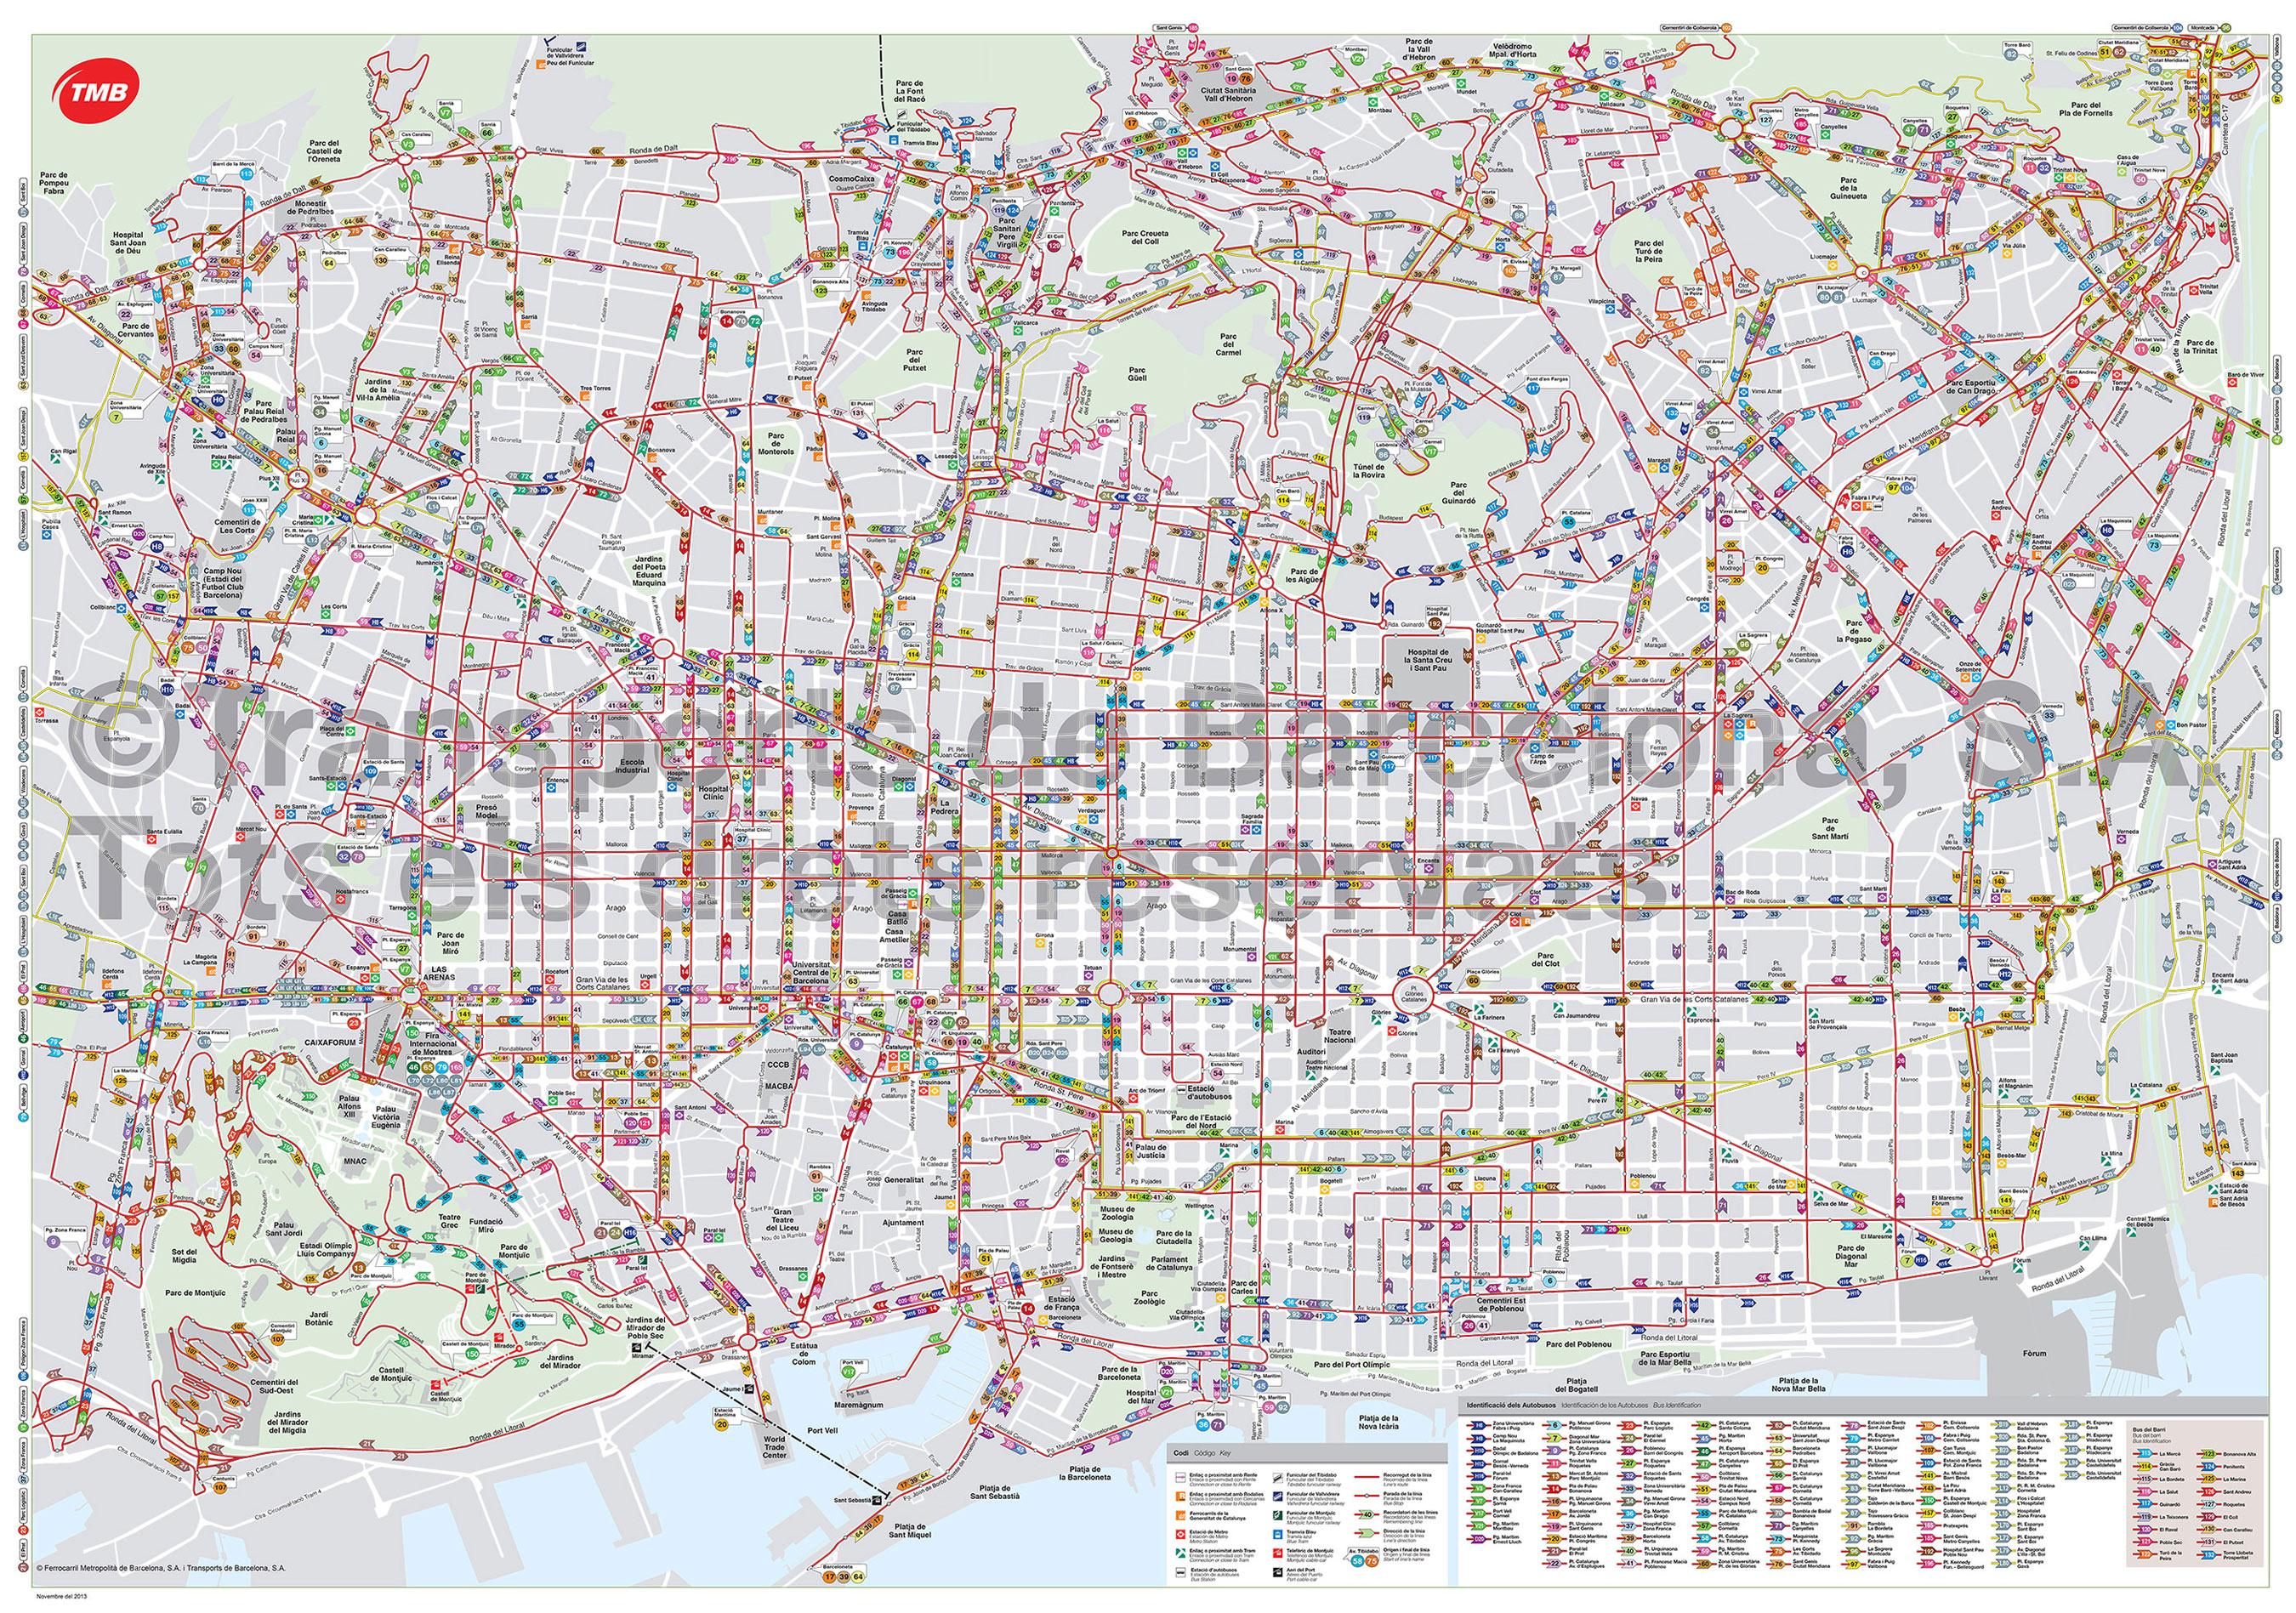 Préférence Plan et carte de bus et Nitbus de Barcelone : stations et lignes KK68